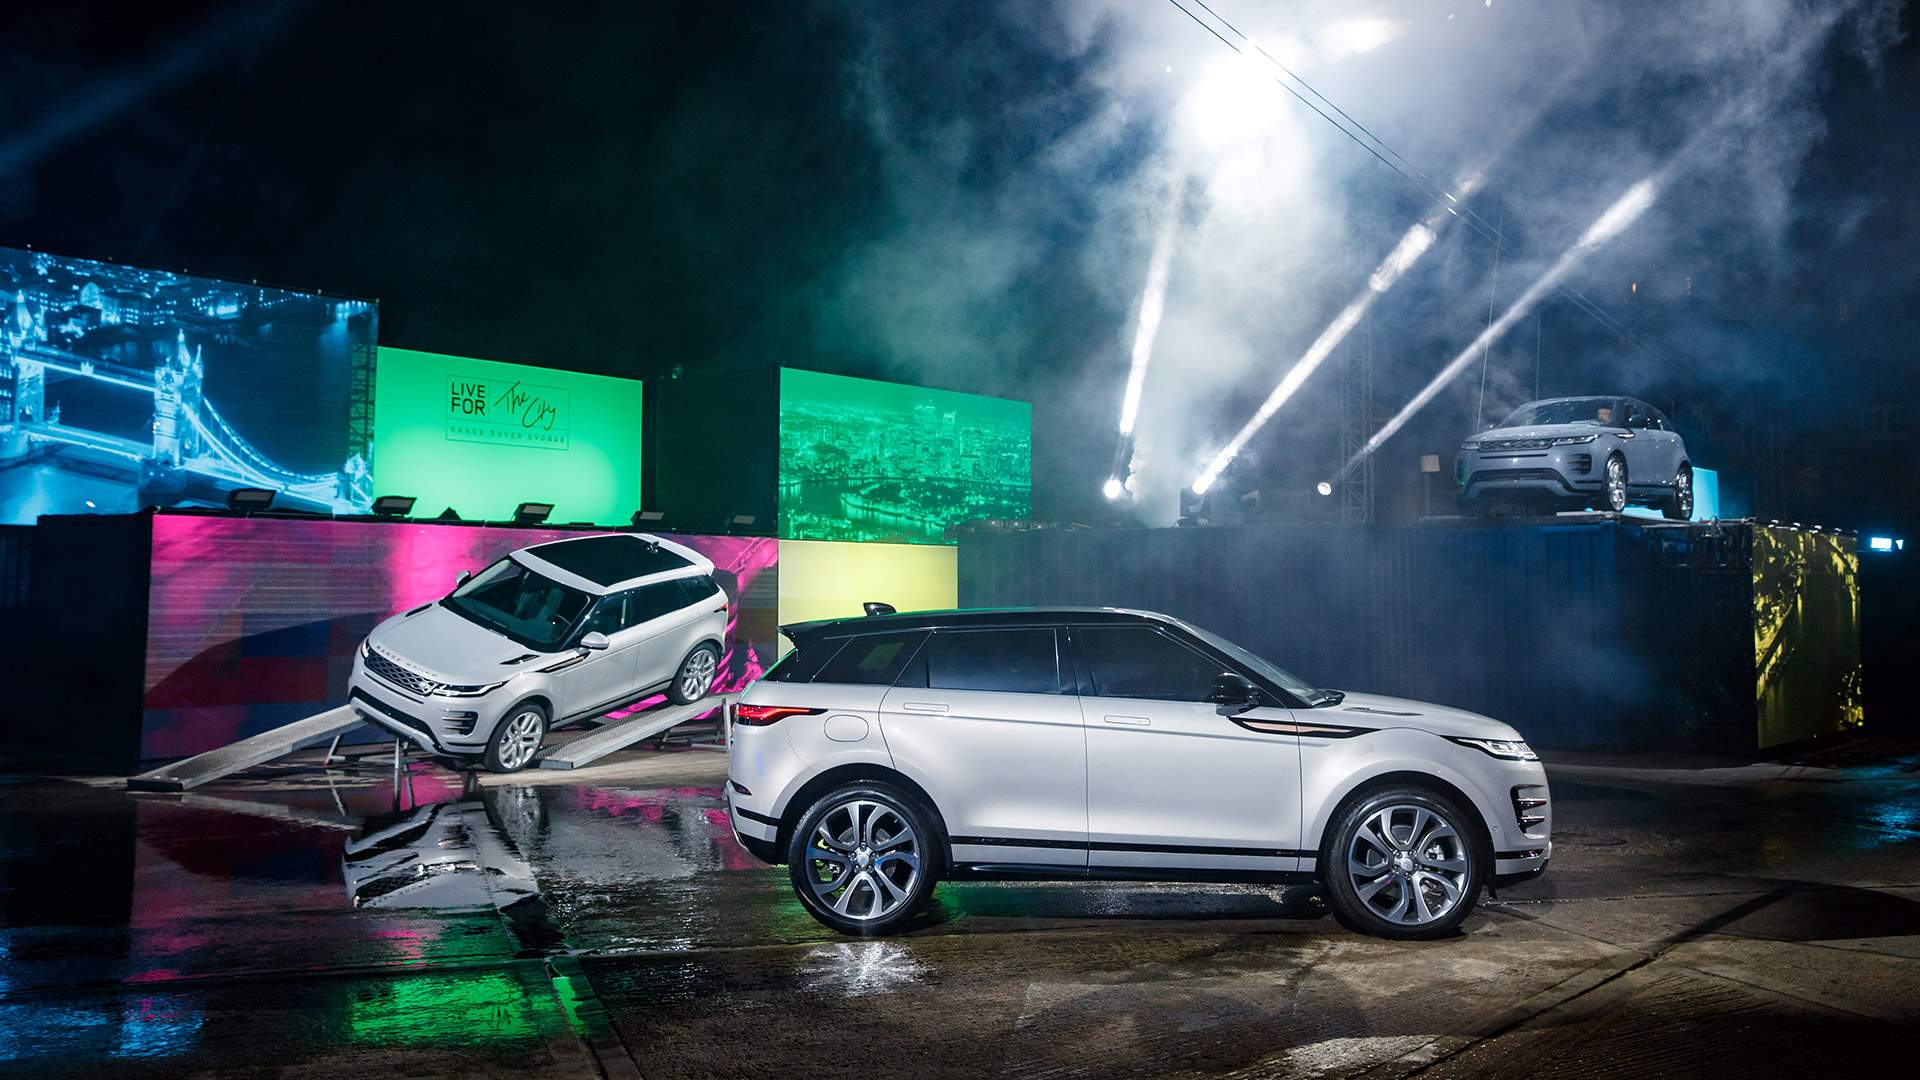 Renting autónomos y empresas Land Rover Evoque